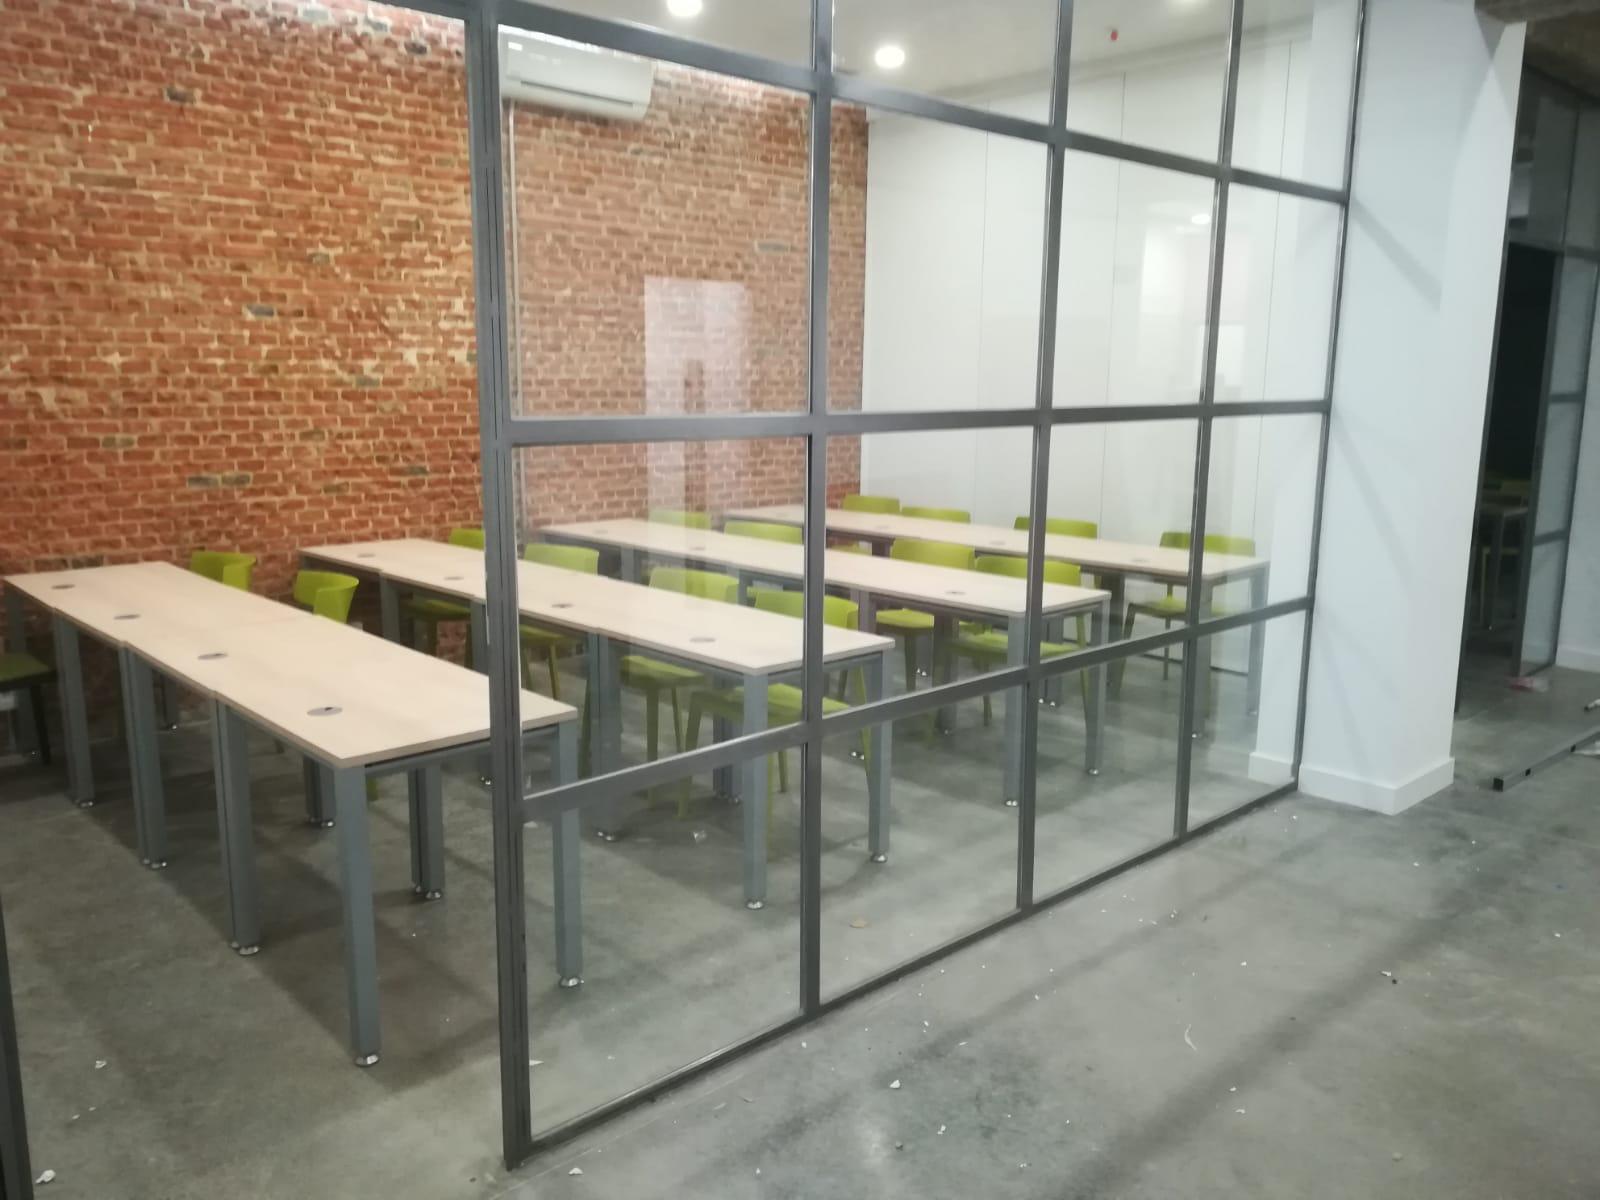 IMG 20181107 WA0010 - Nuevo Centro Formativo en Madrid